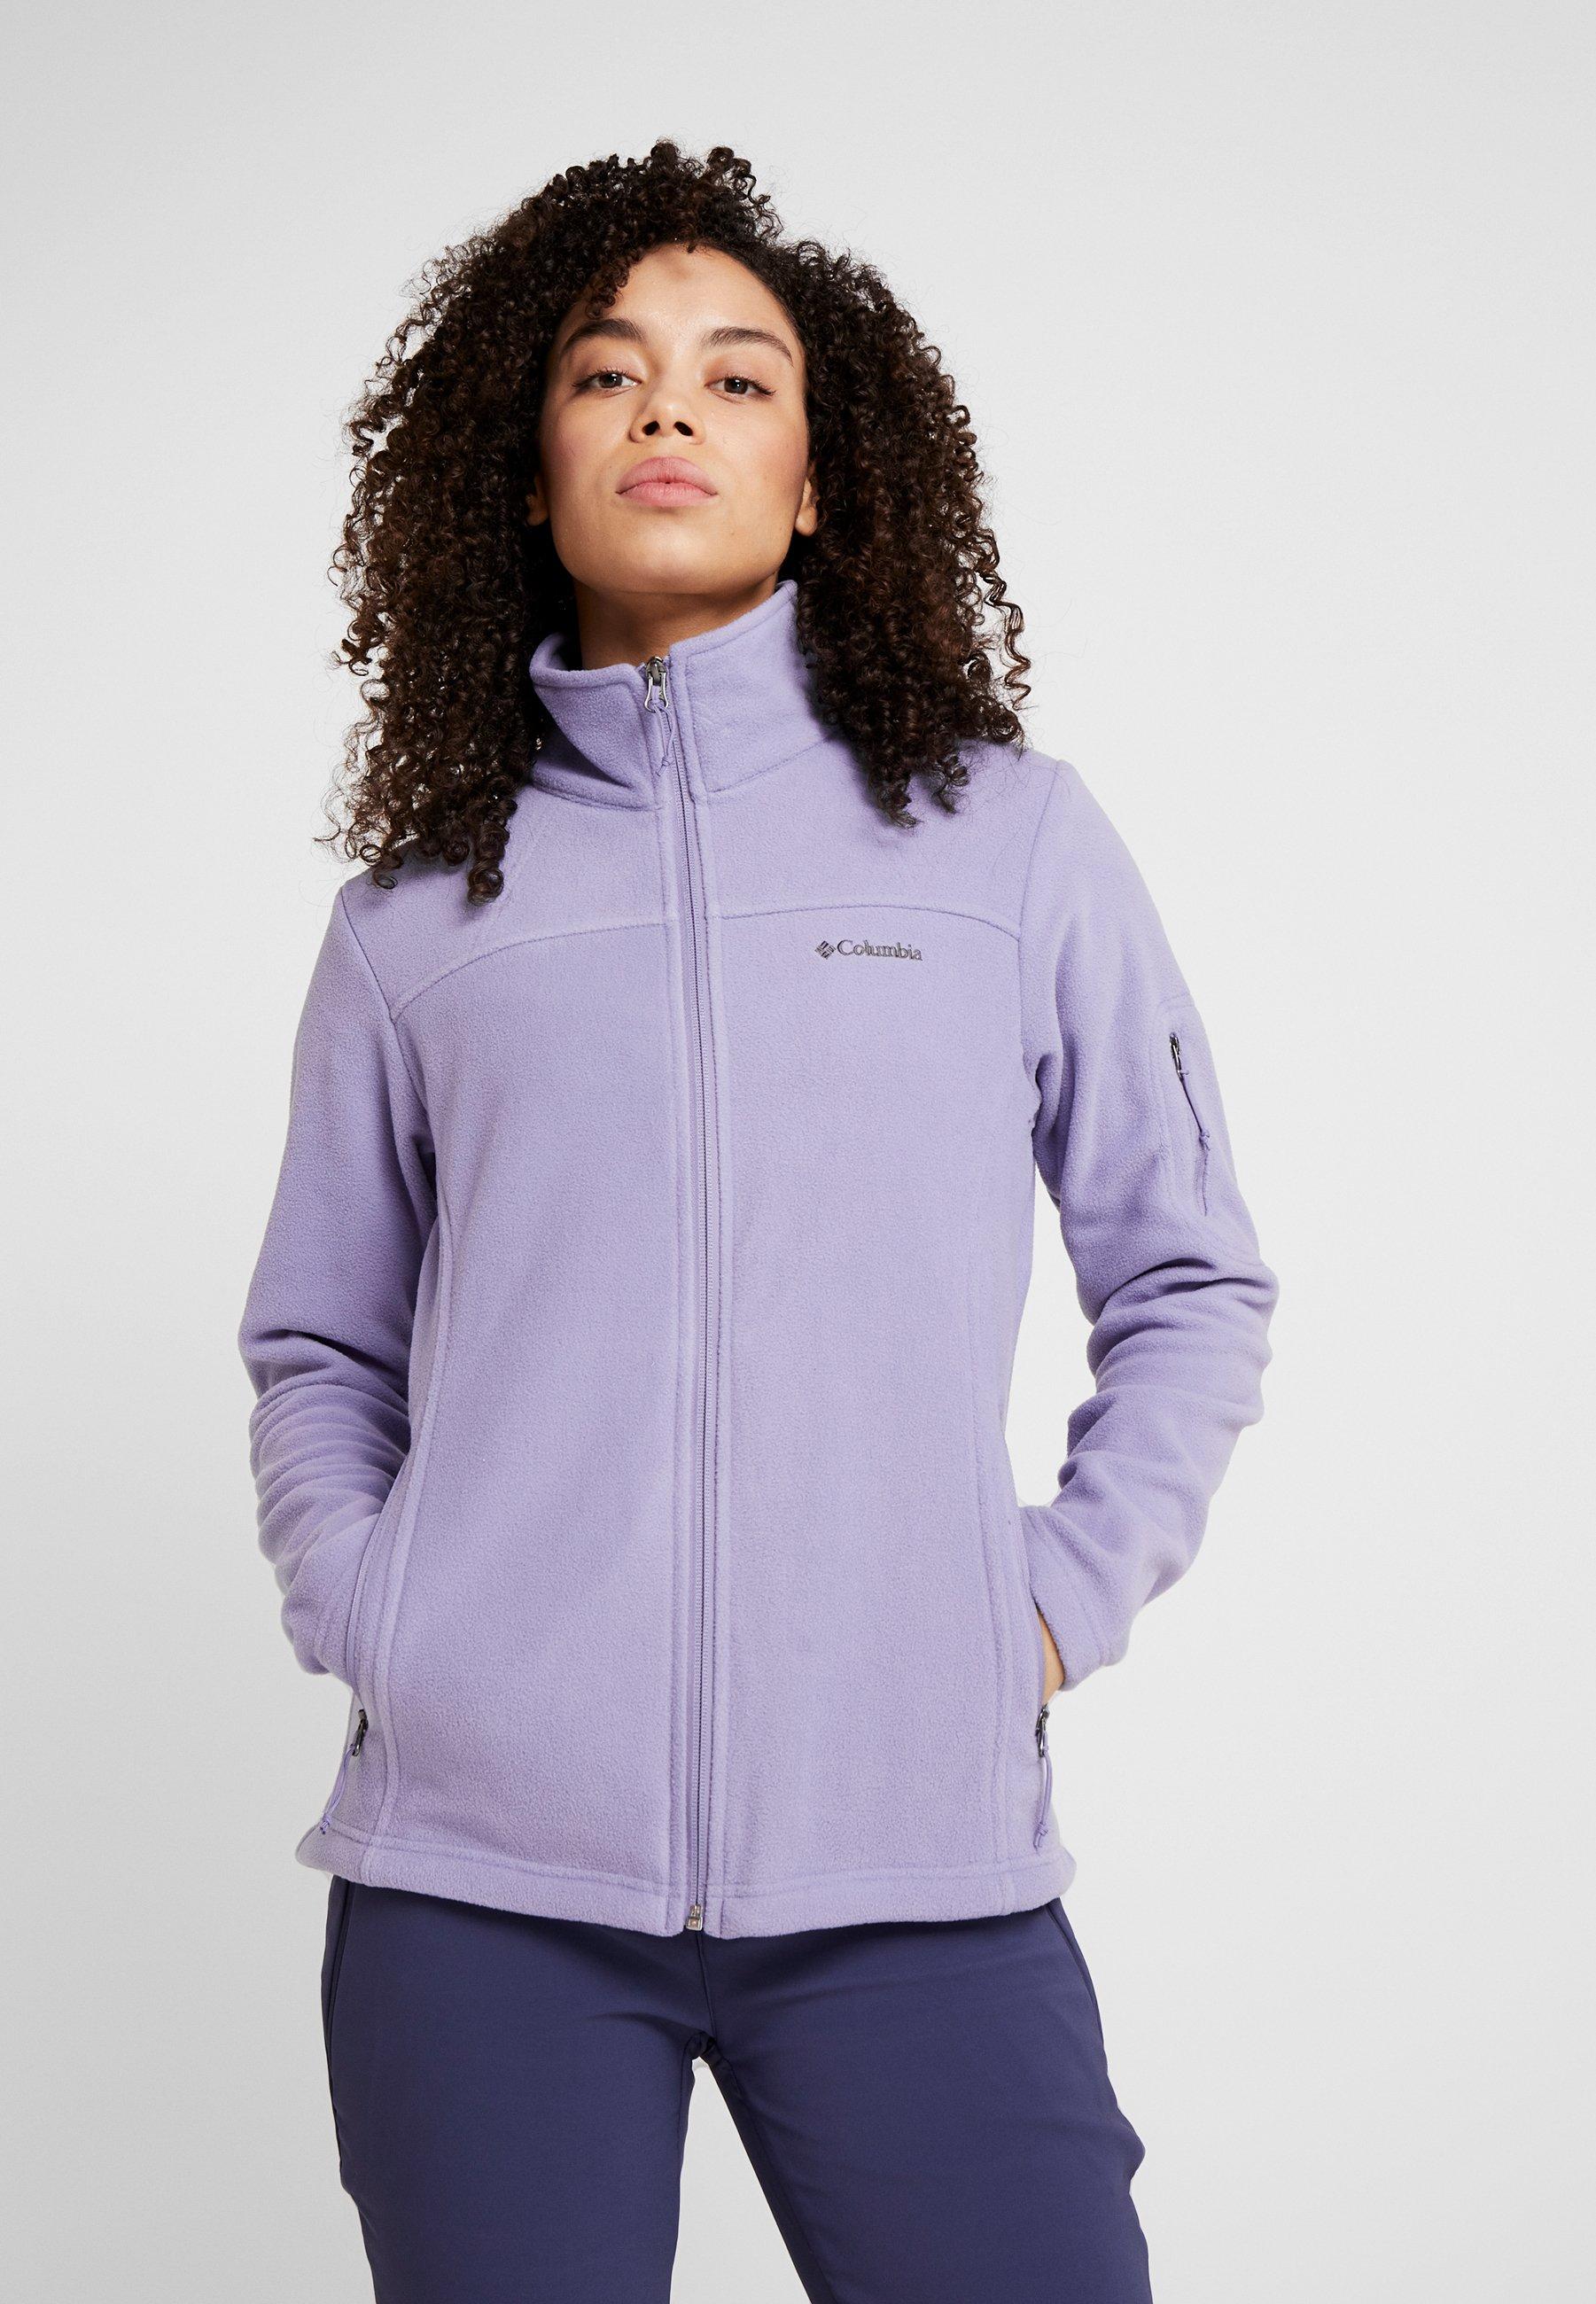 Columbia jacketVeste Polaire Trek� Iris Fast Dusty Ok8wn0P